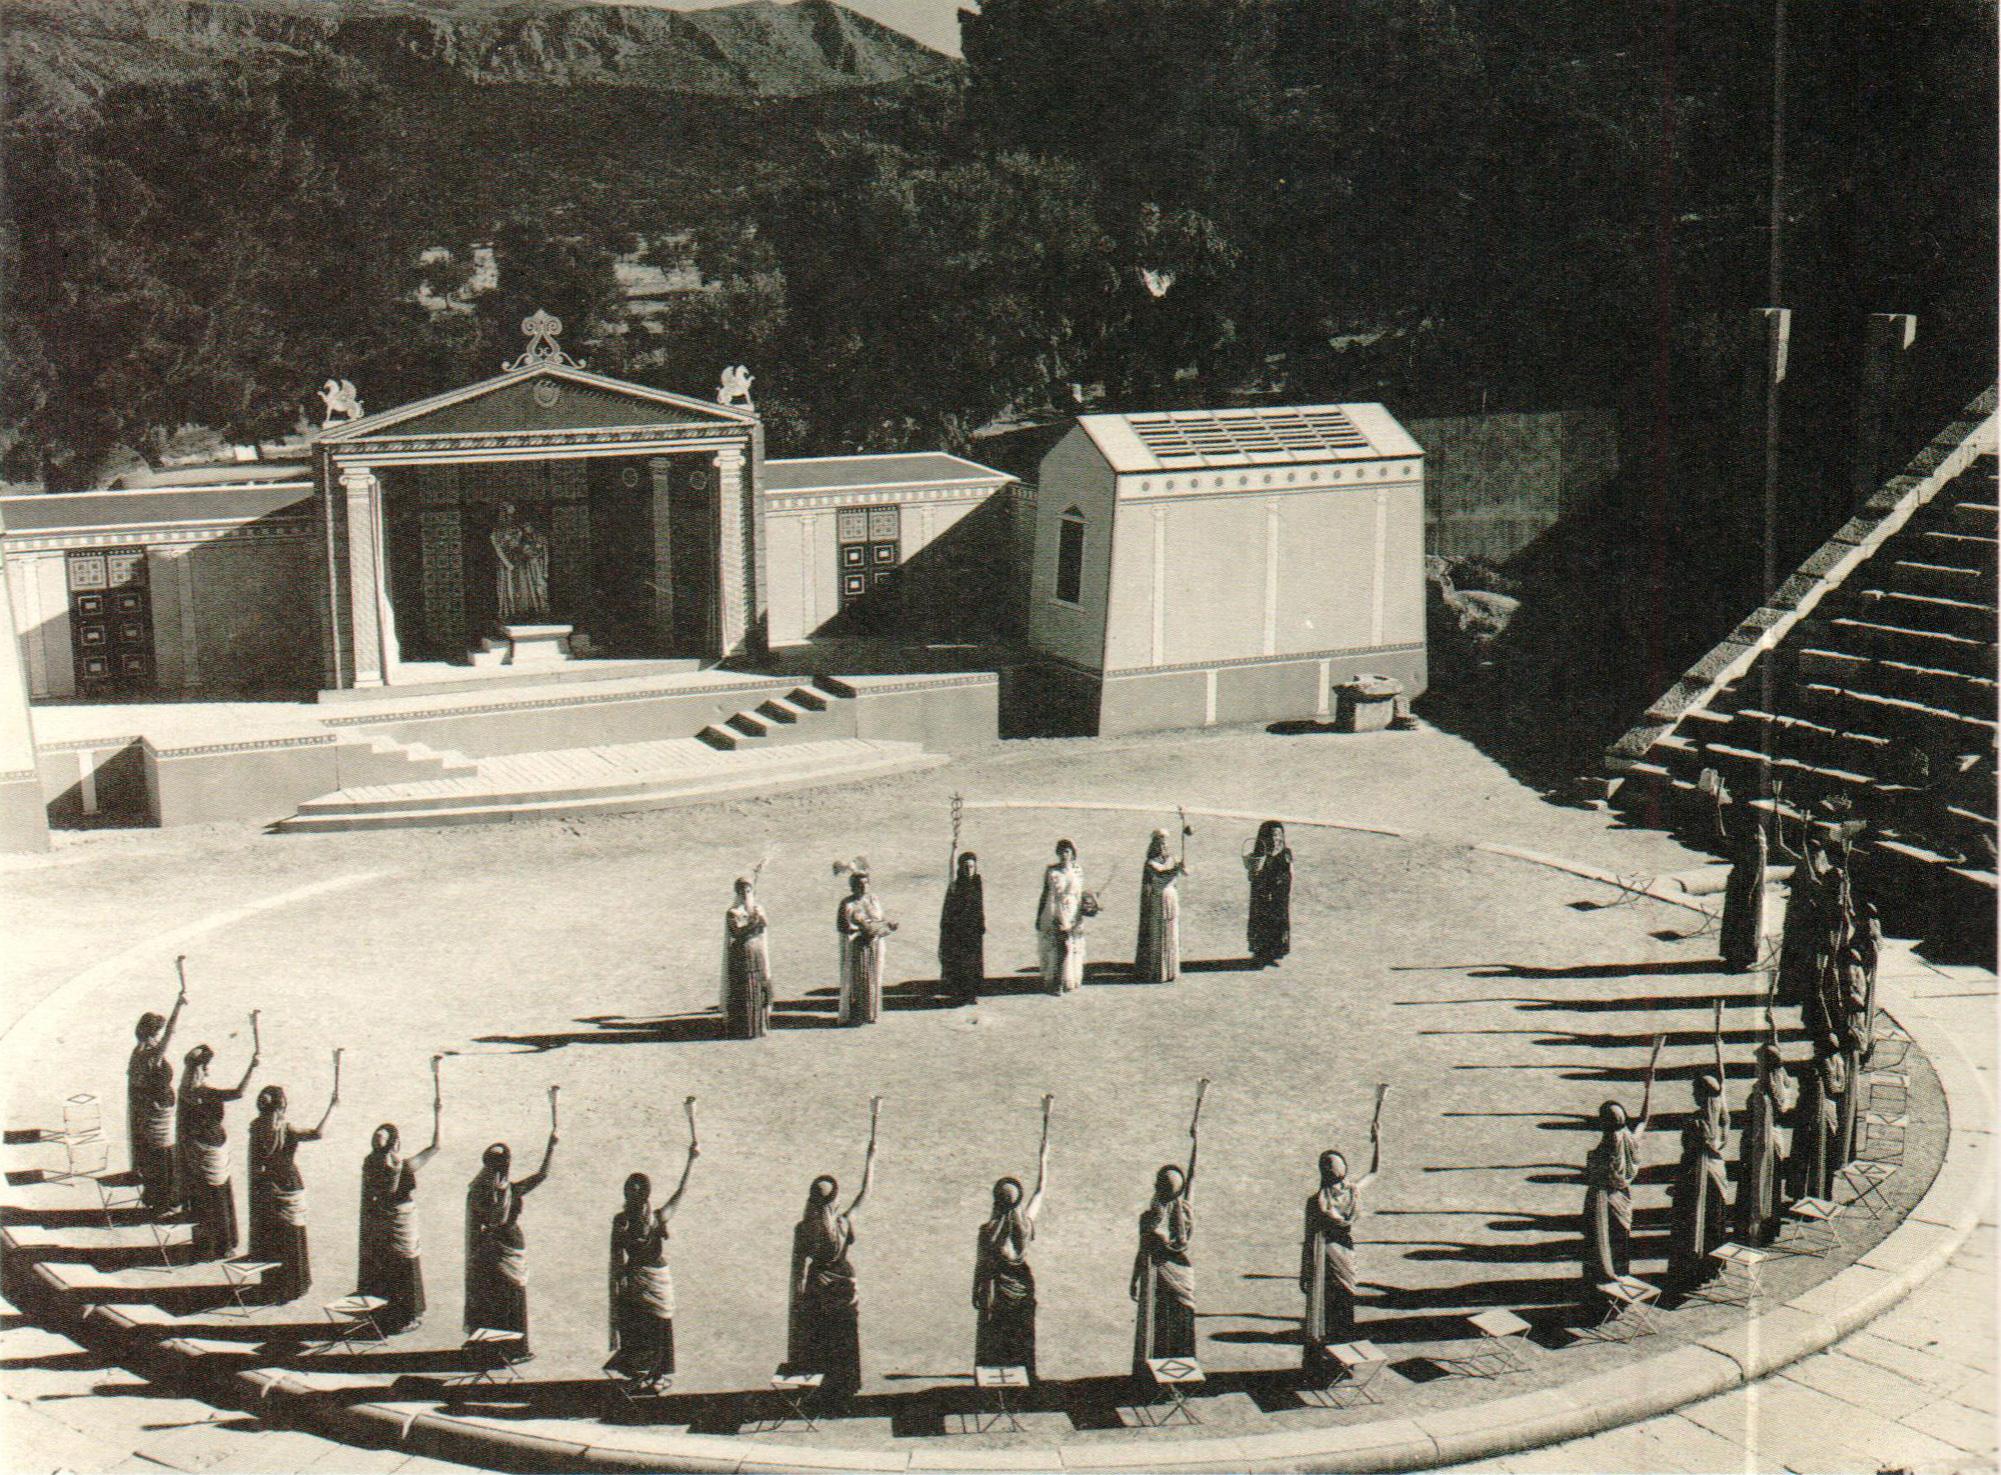 Εθνικό θέατρο φωτογραφίες παραστάσεων «Θεσμοφοριάζουσες» του Αριστοφάνη, Επίδαυρος, 1958.